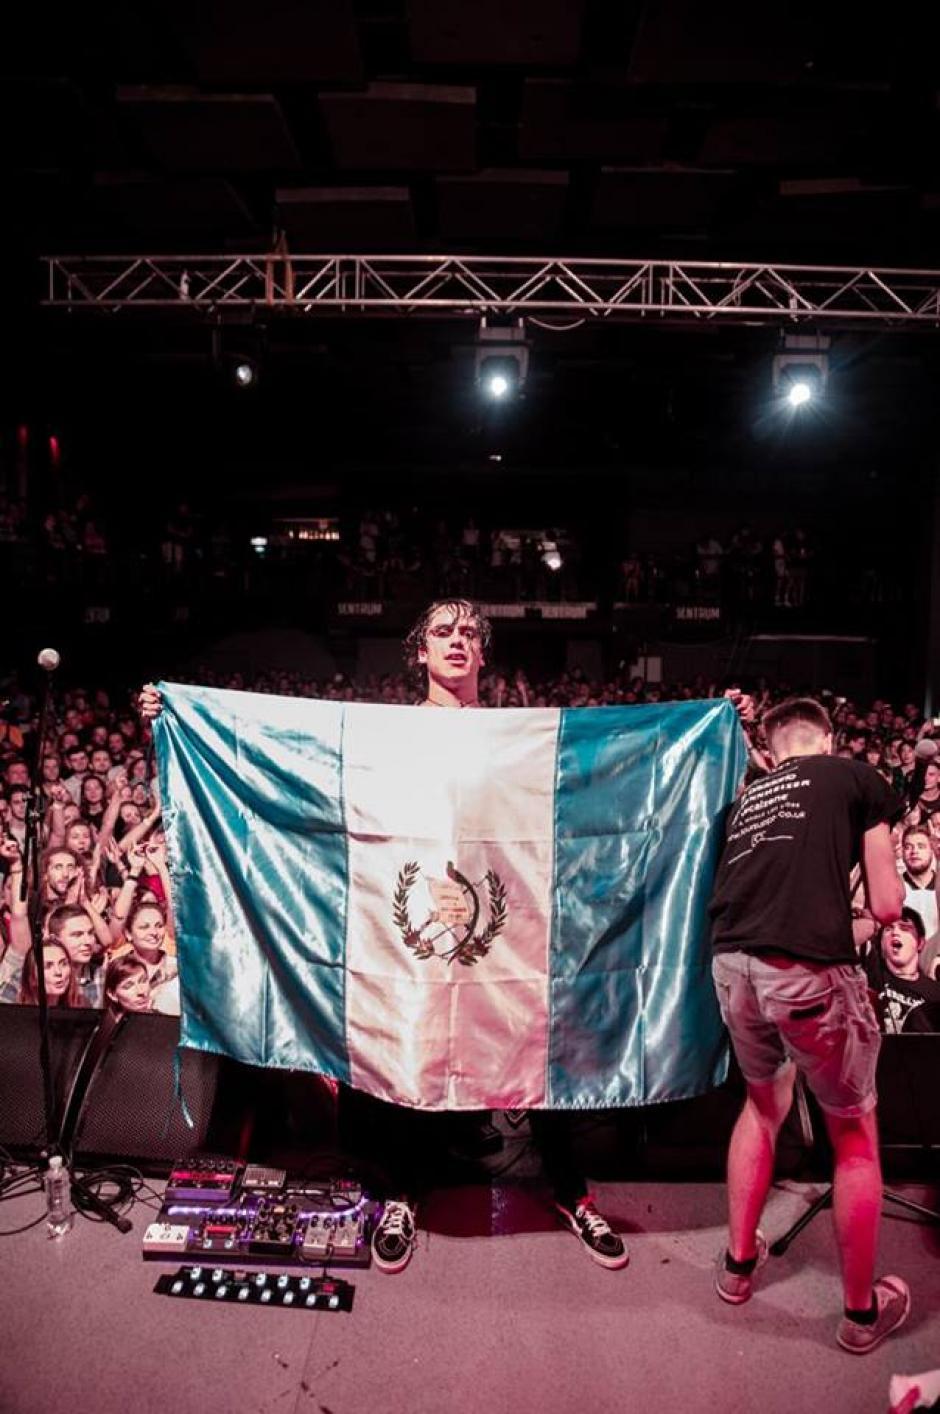 Sal siempre pone a Guatemala en alto en las presentaciones de la banda. (Foto: Nicole Lemberg)